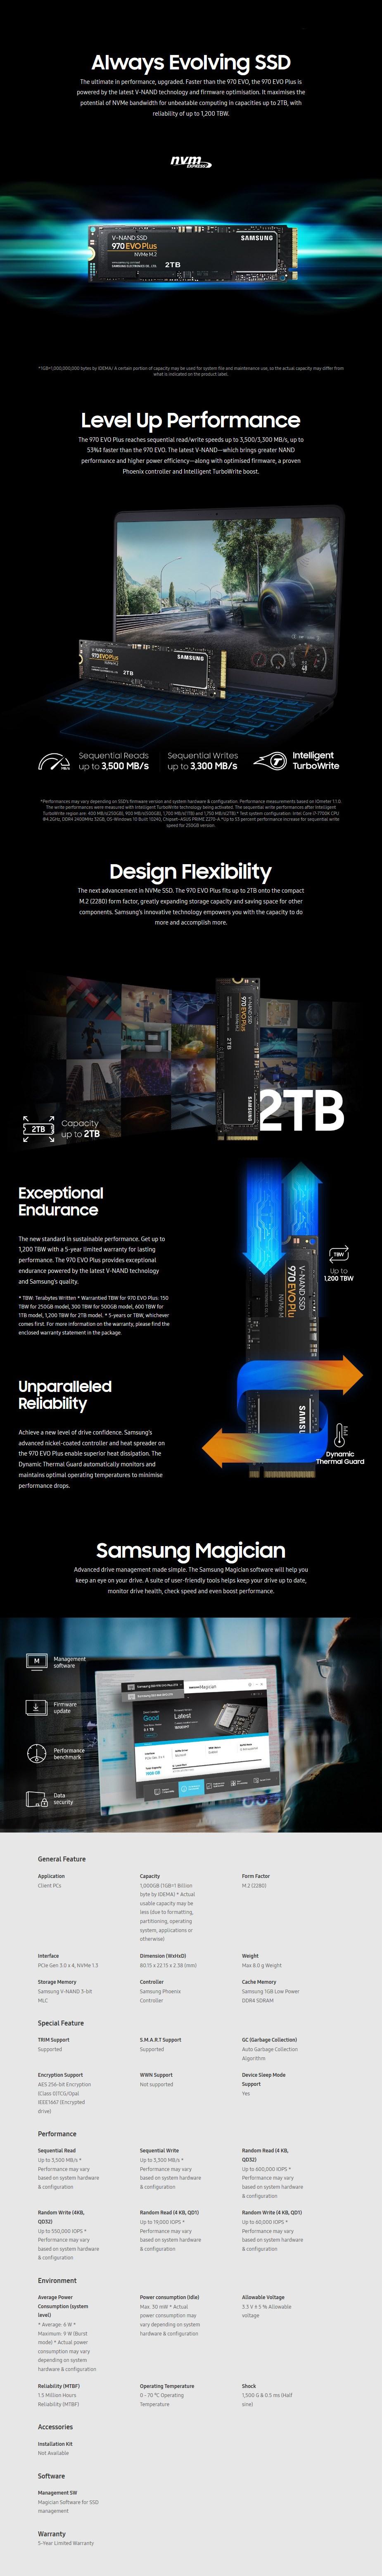 Samsung 970 EVO Plus 1TB NVMe 1.3 M.2 (2280) 3-Bit V-NAND SSD - MZ-V7S1T0BW - Desktop Overview 2